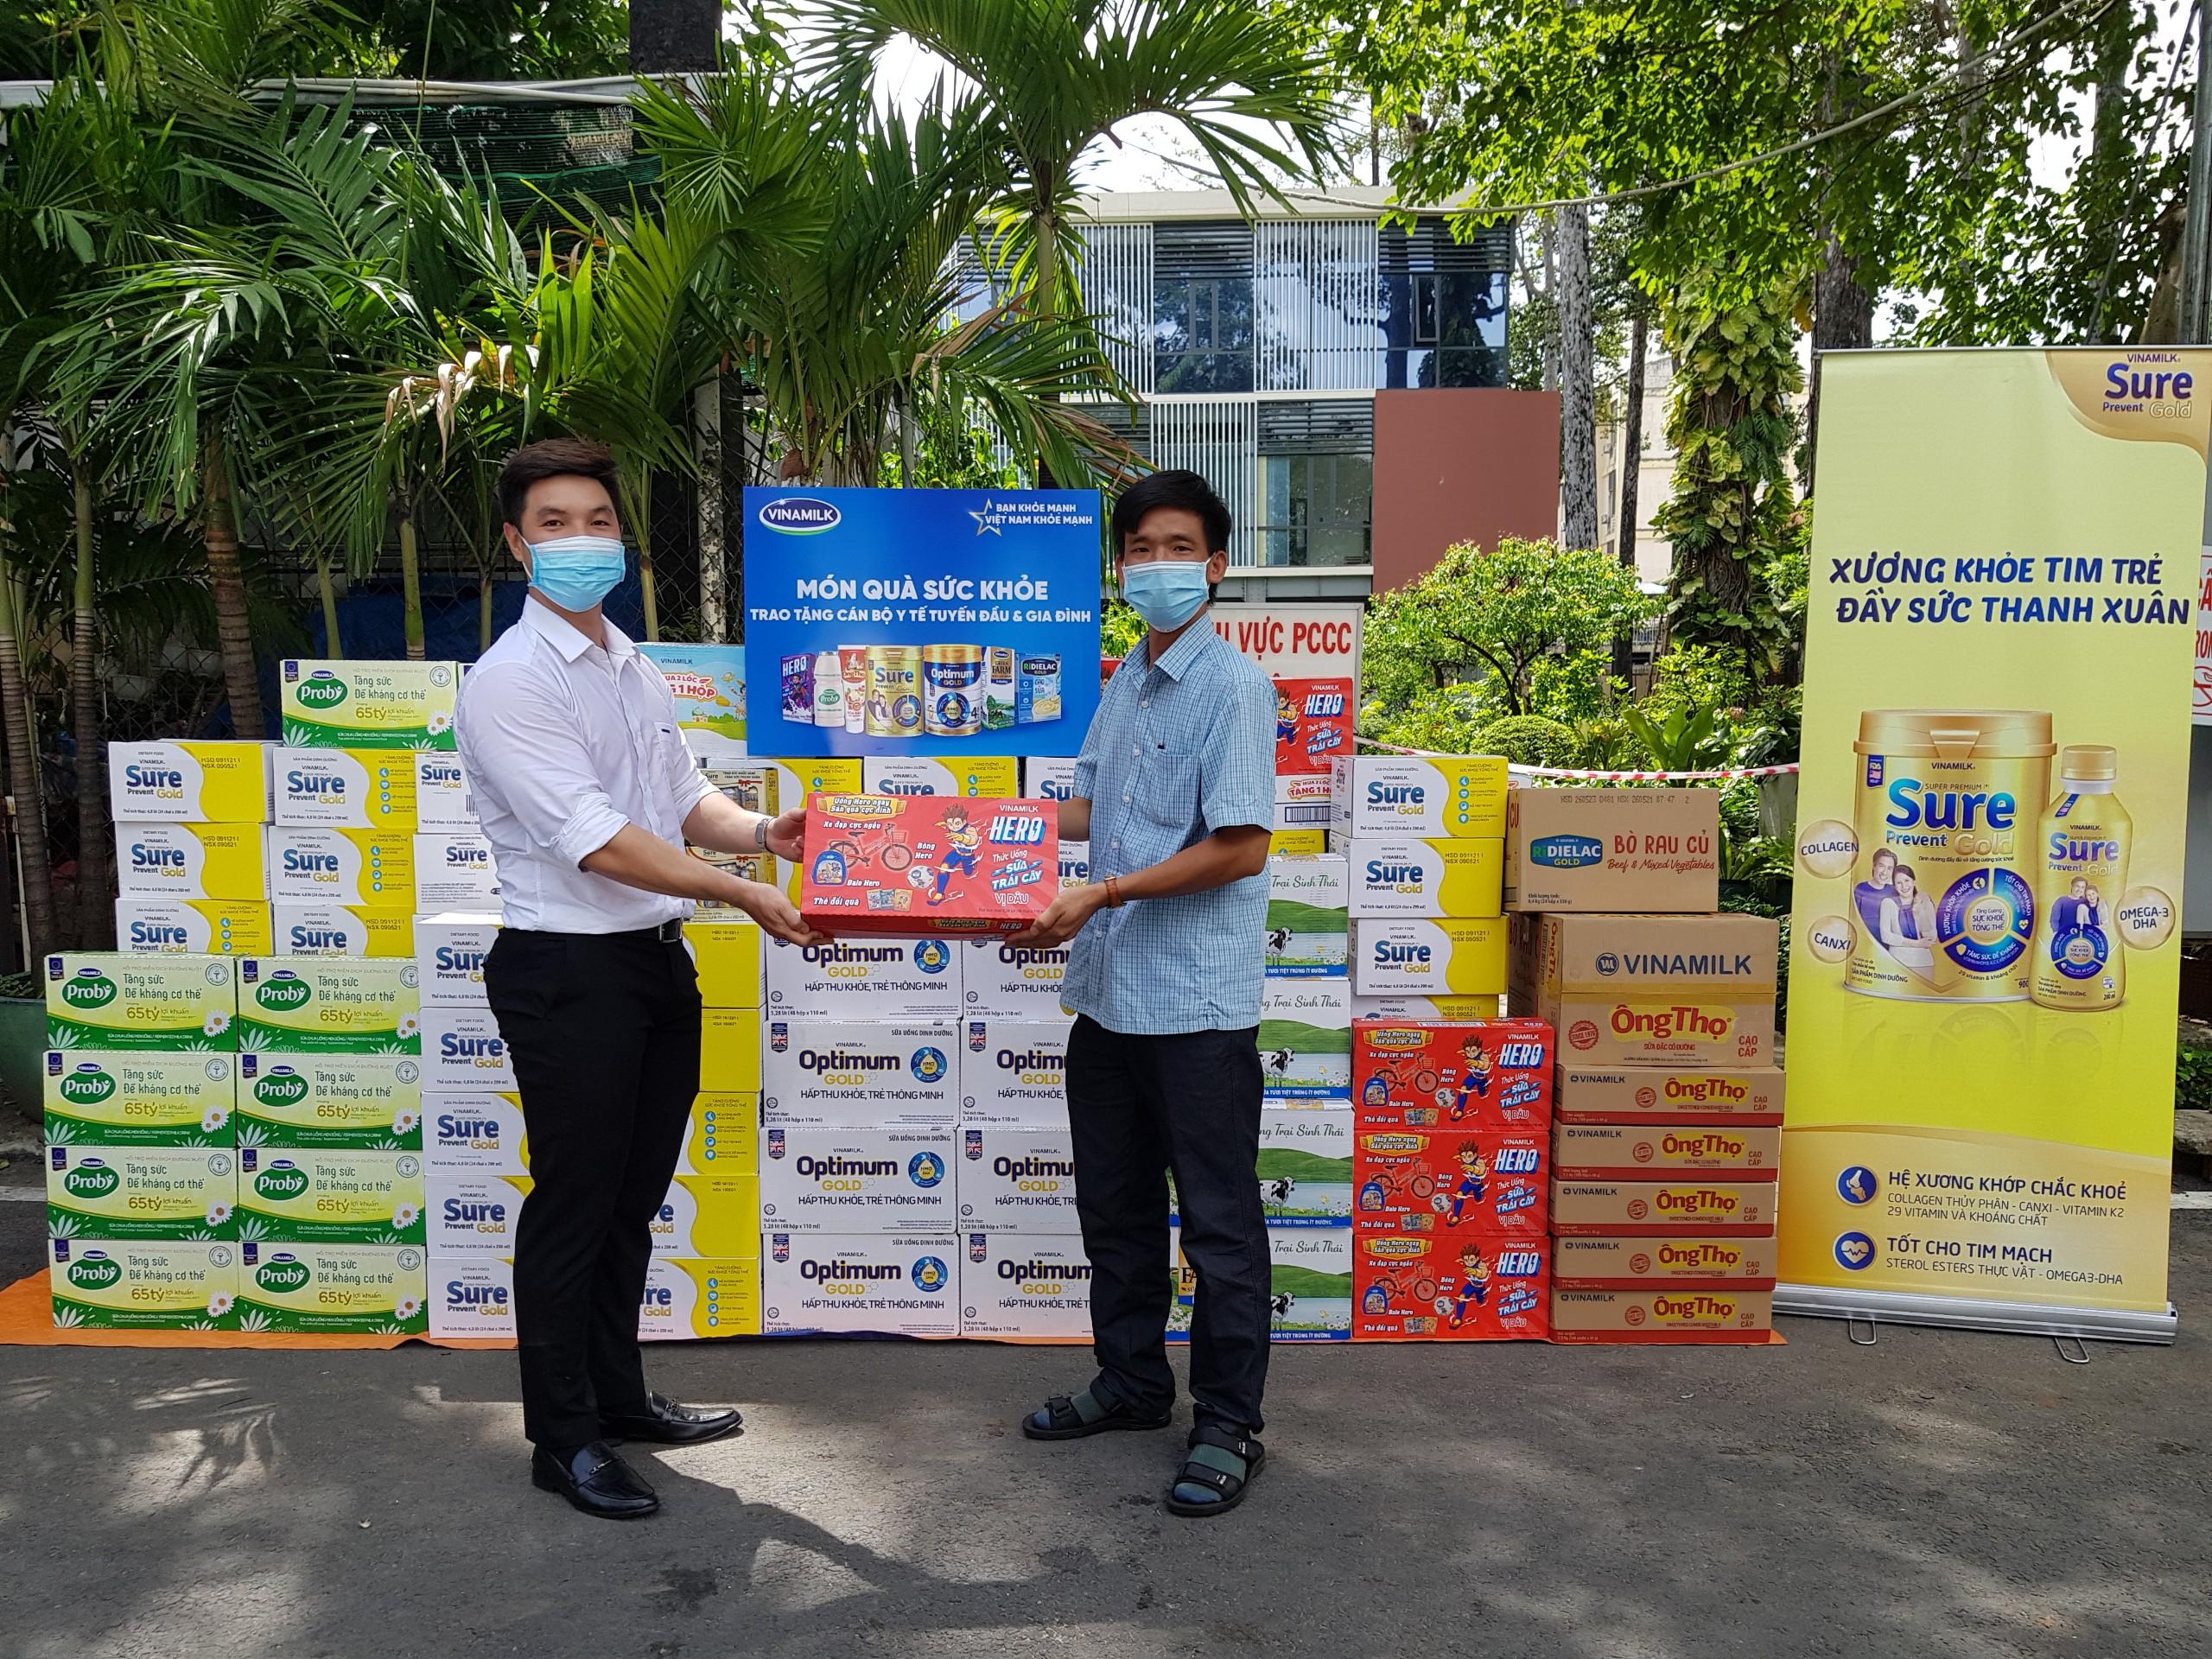 Hàng ngàn món quà dinh dưỡng từ Vinamilk gửi tặng đến các y bác sĩ, người thân trong ngày gia đình Việt Nam 3